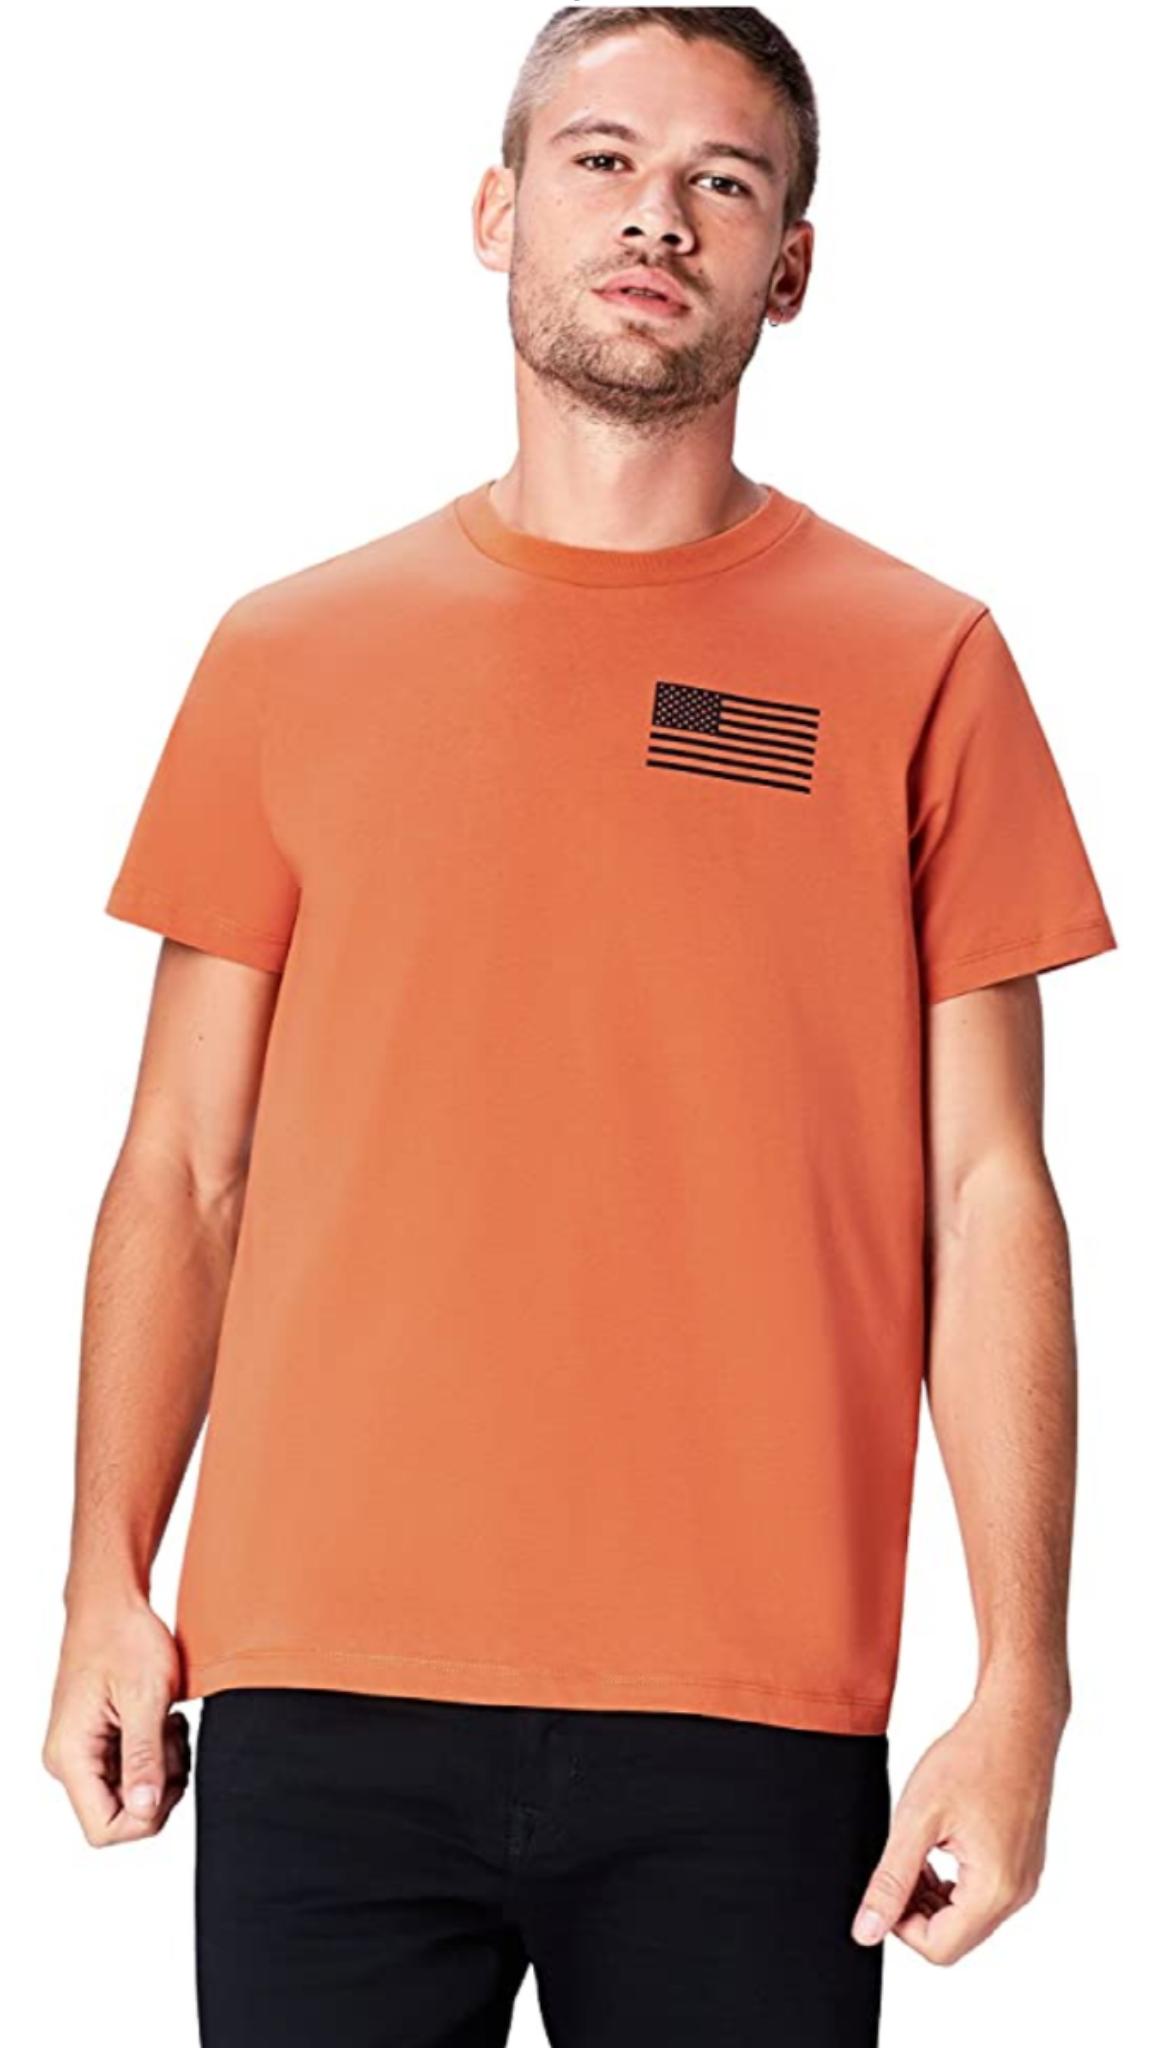 Camiseta Bronx Find Hombre Varios Colores y Tallas